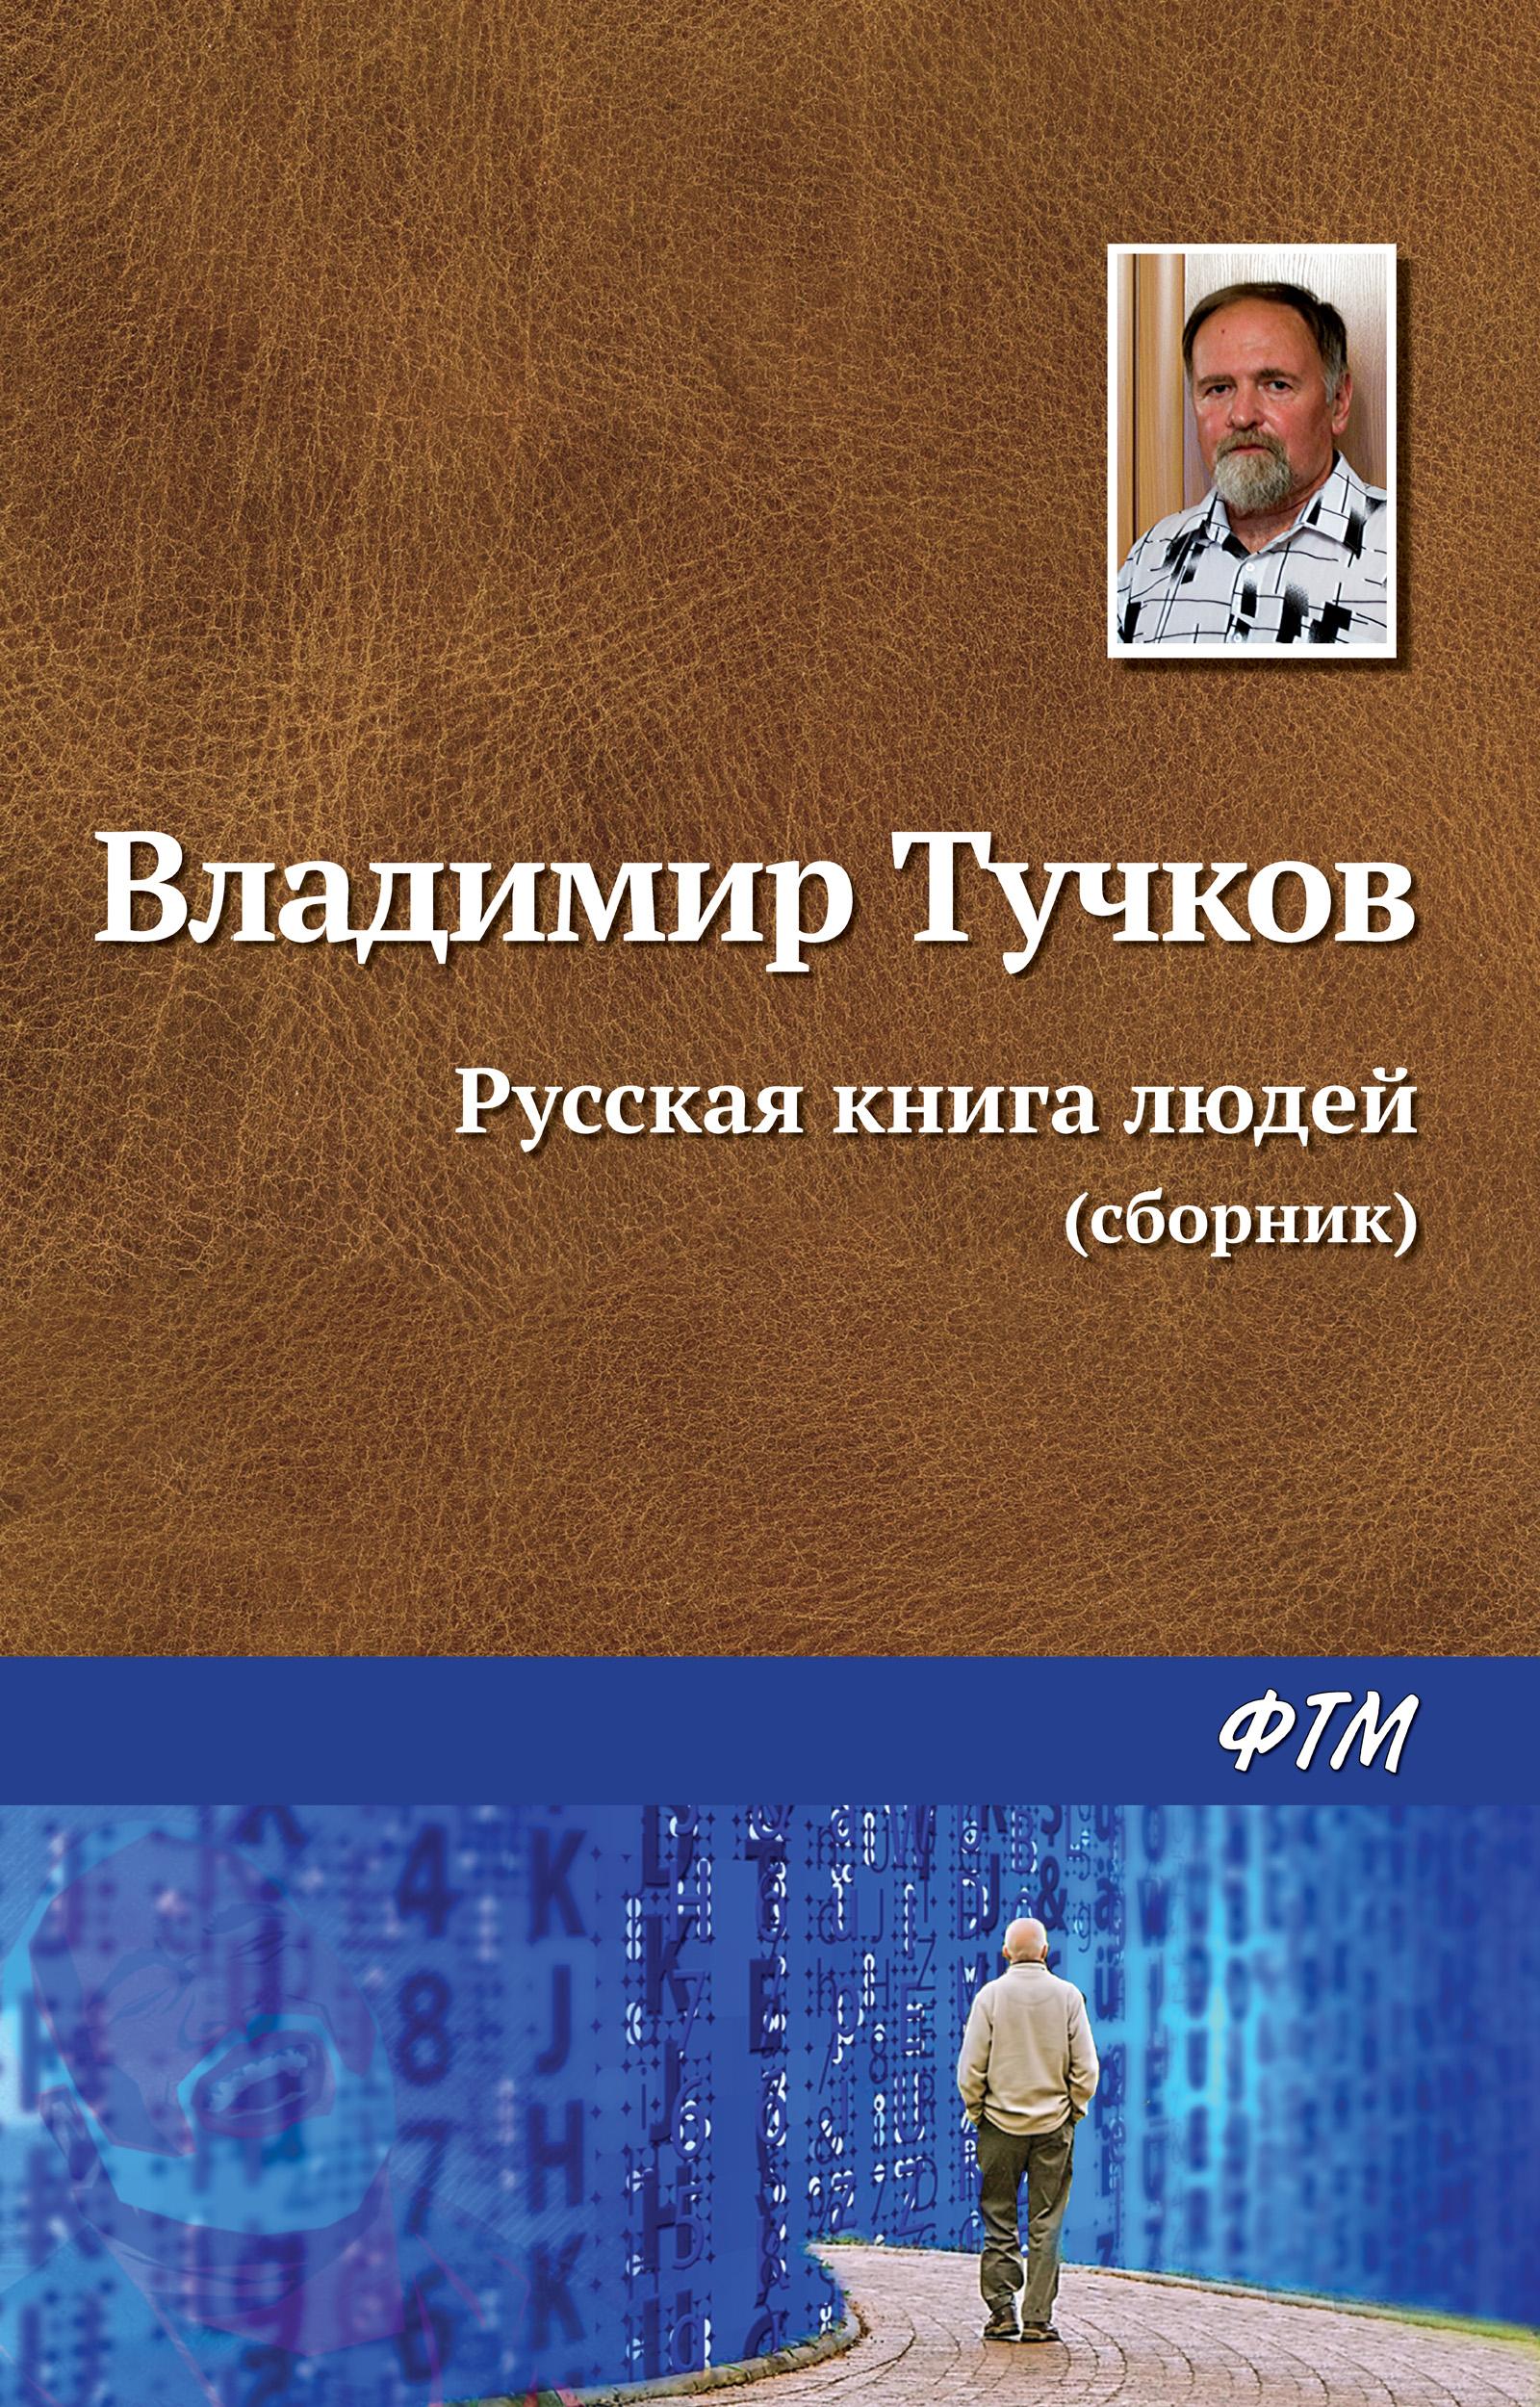 Русская книга людей (сборник)